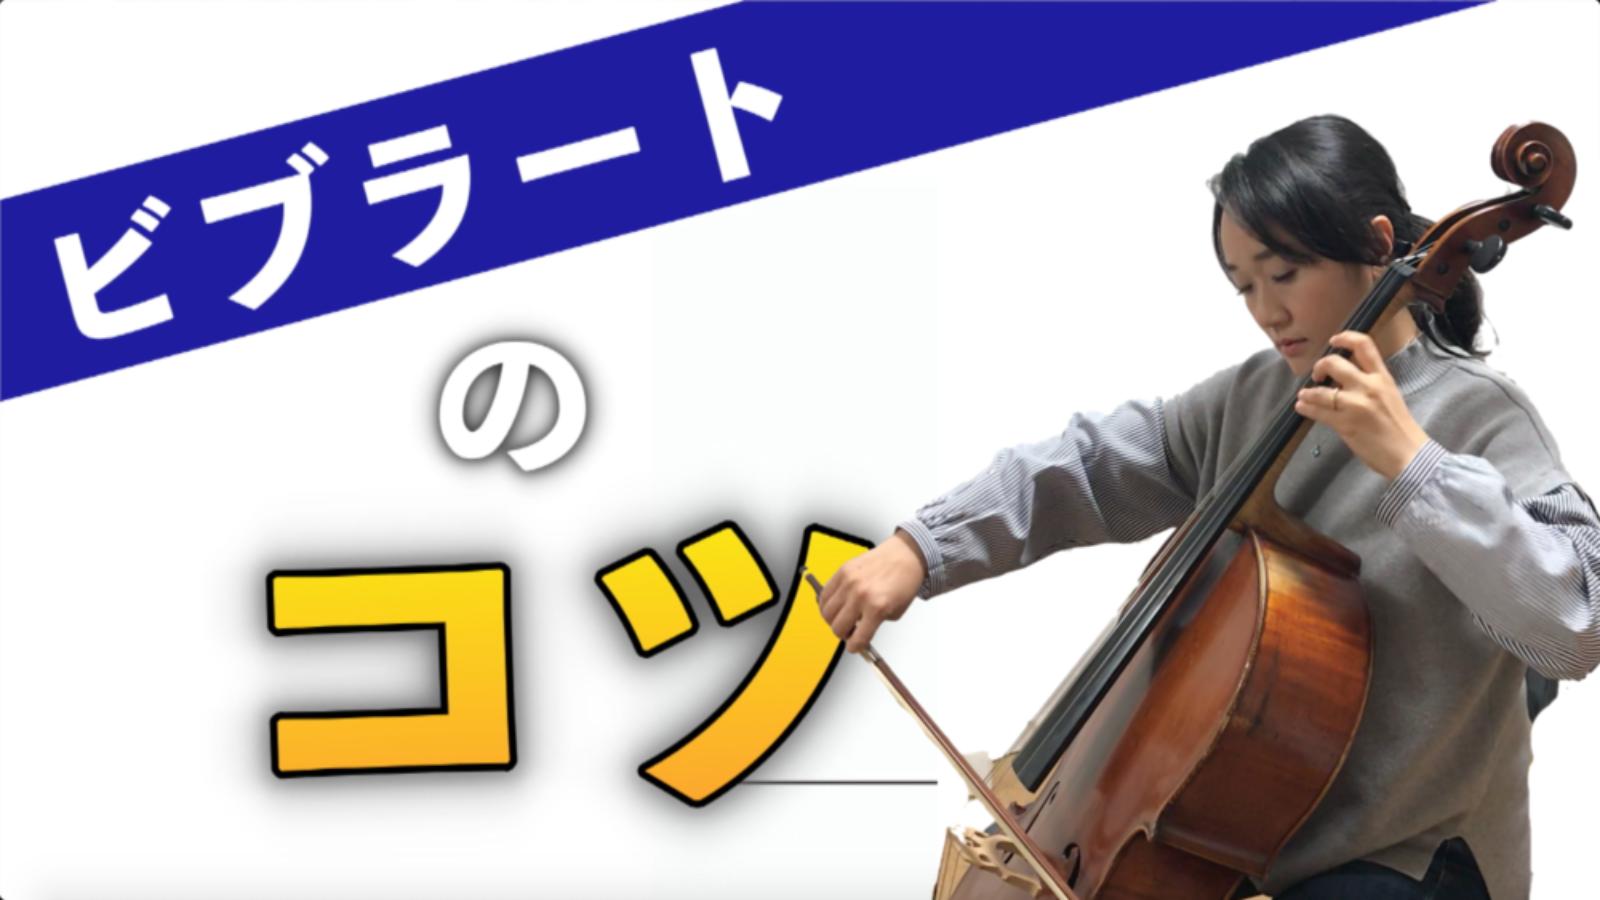 【動画あり】チェロのビブラート練習法のコツ!現役チェロ講師がビブラートのかけ方や練習曲についてまとめたよ